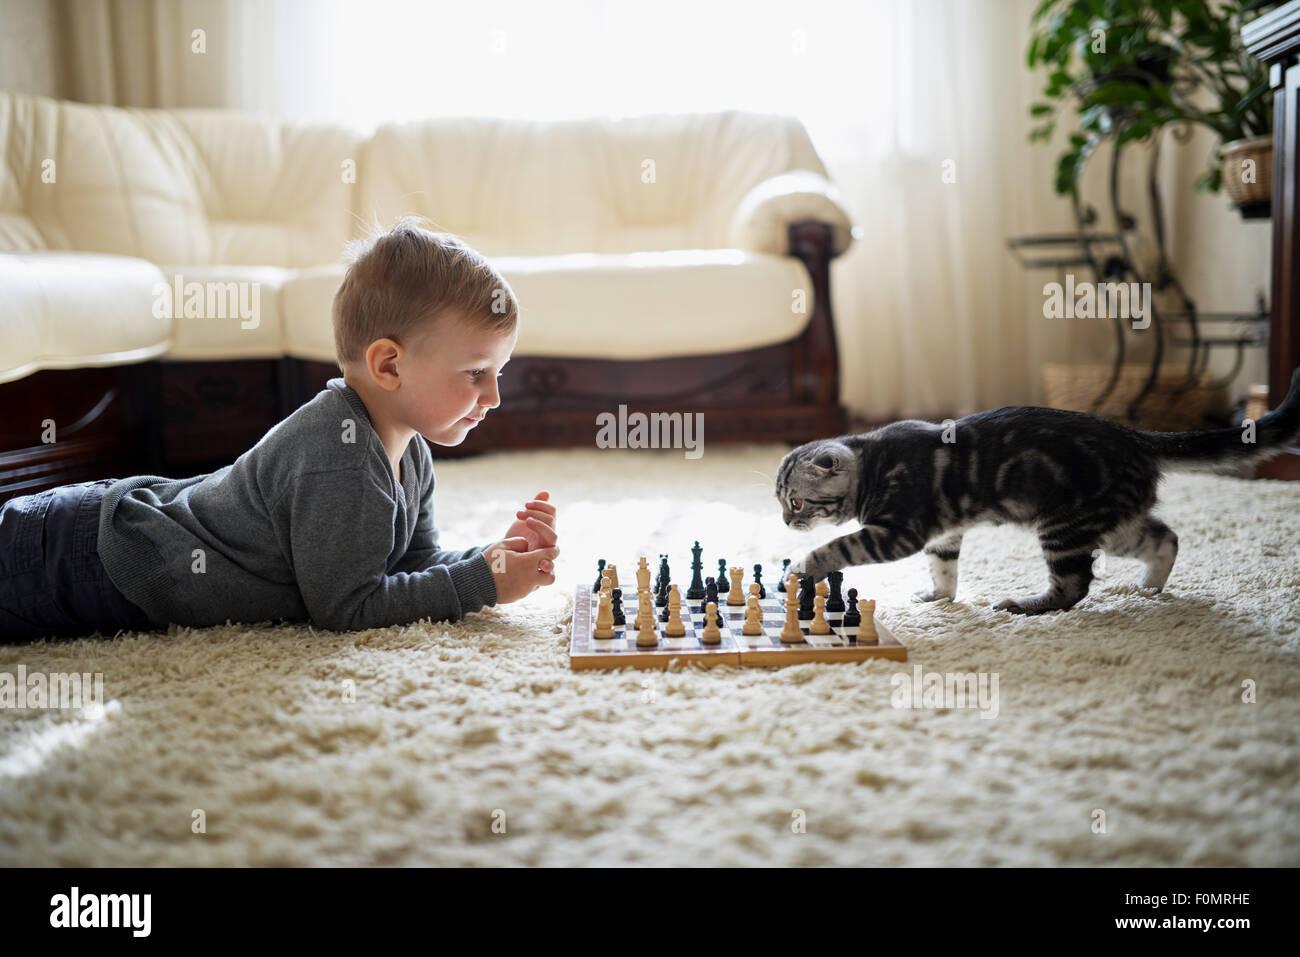 kleiner Junge spielt Schach am Boden liegend Stockbild